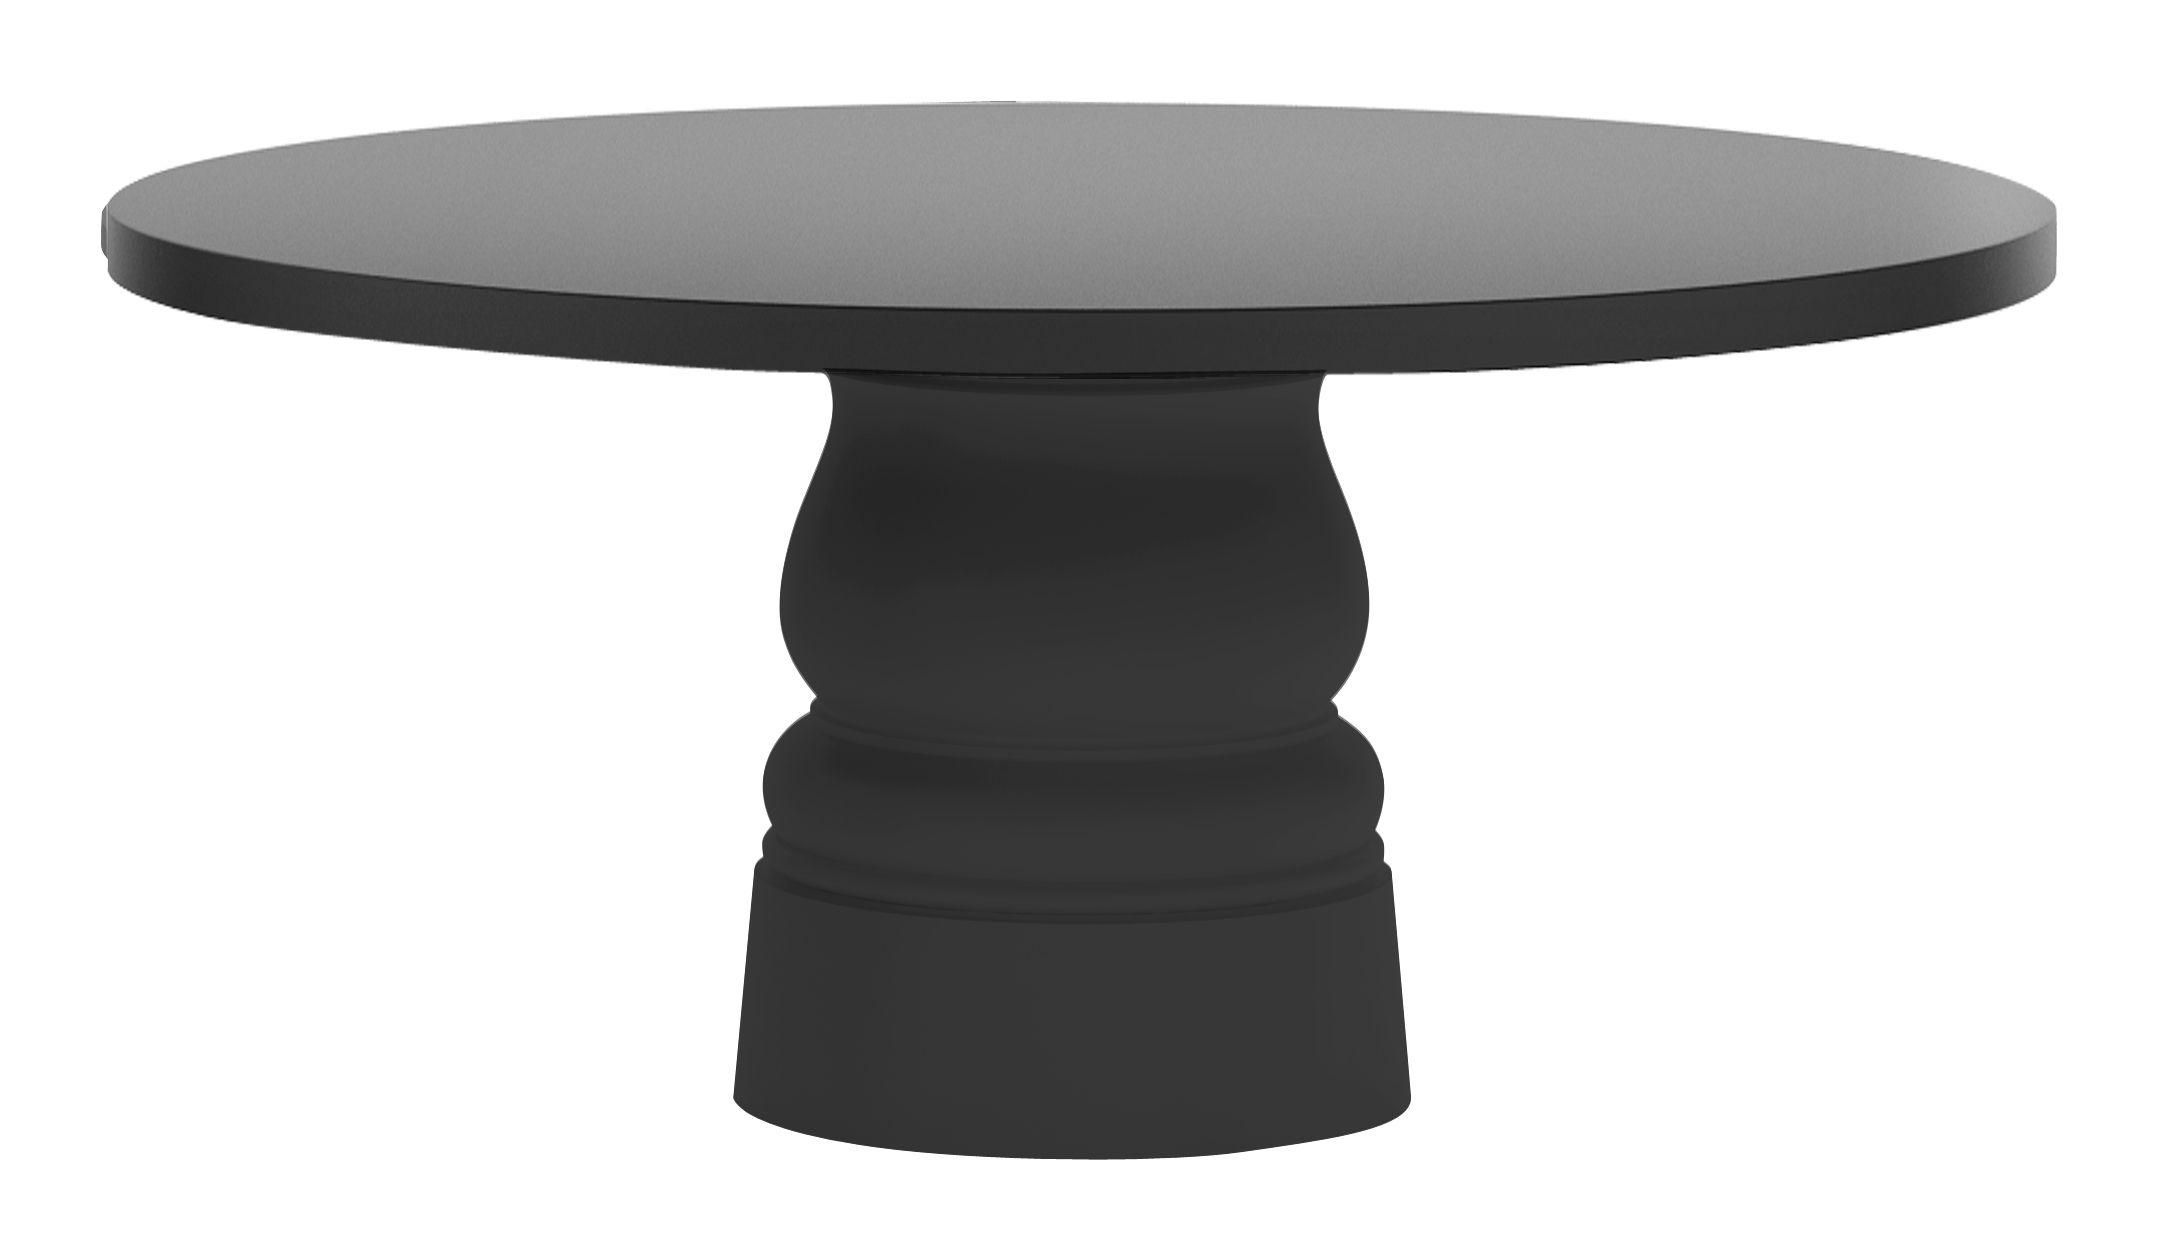 Outdoor - Tavoli  - Accessorio tavolo / Pied pour table Container New Antique - Ø 56 x H 71 cm - Per piano d'appoggio Ø 160 cm di Moooi - Gamba colore nero - Ø 56 x H 71 cm - Acciaio inossidabile, Polietilene